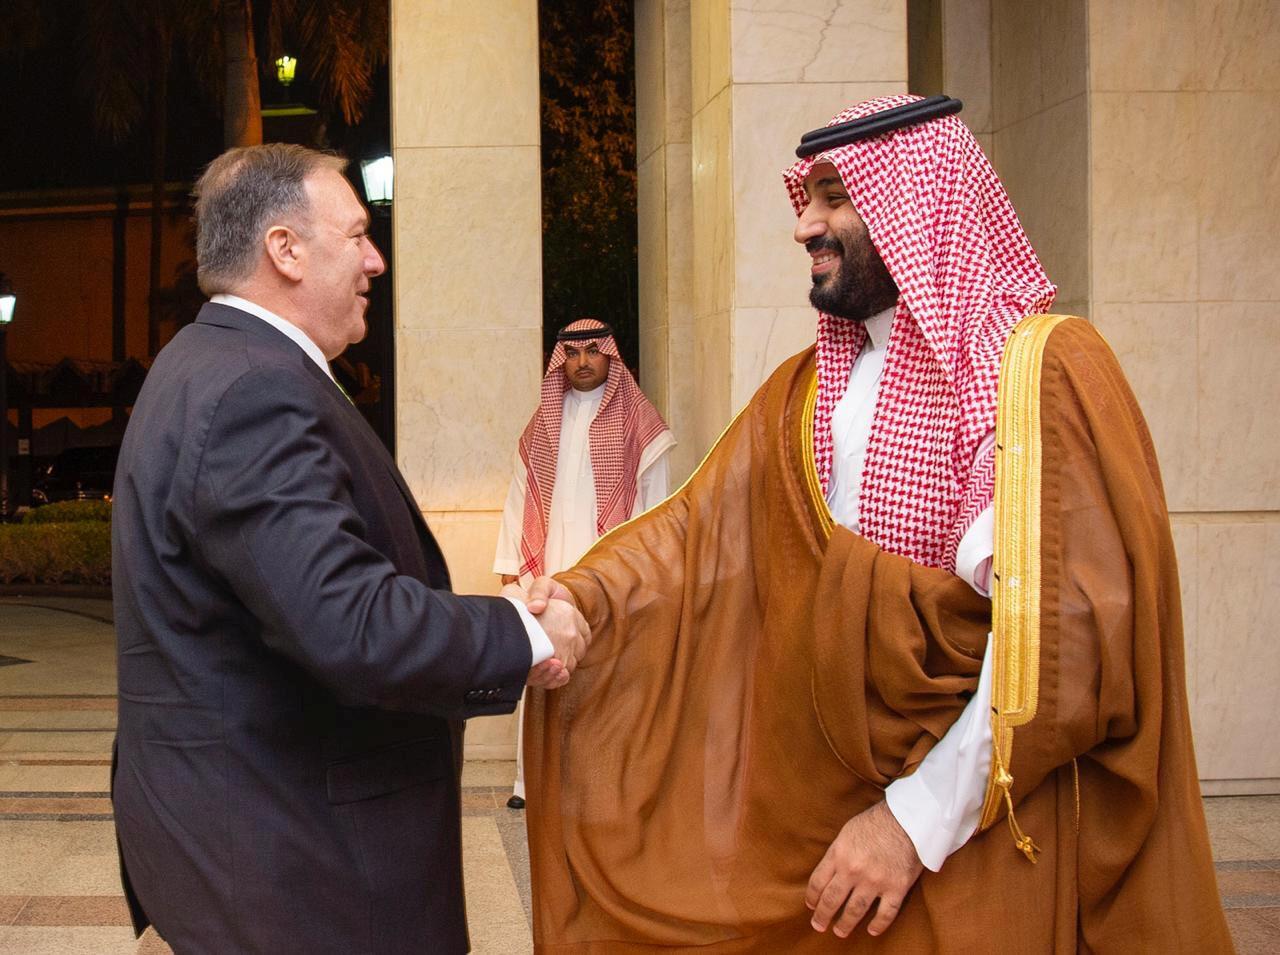 ولي العهد السعودي الأمير محمد بن سلمان يستقبل وزير الخارجية الأمريكي مايك بومبيو